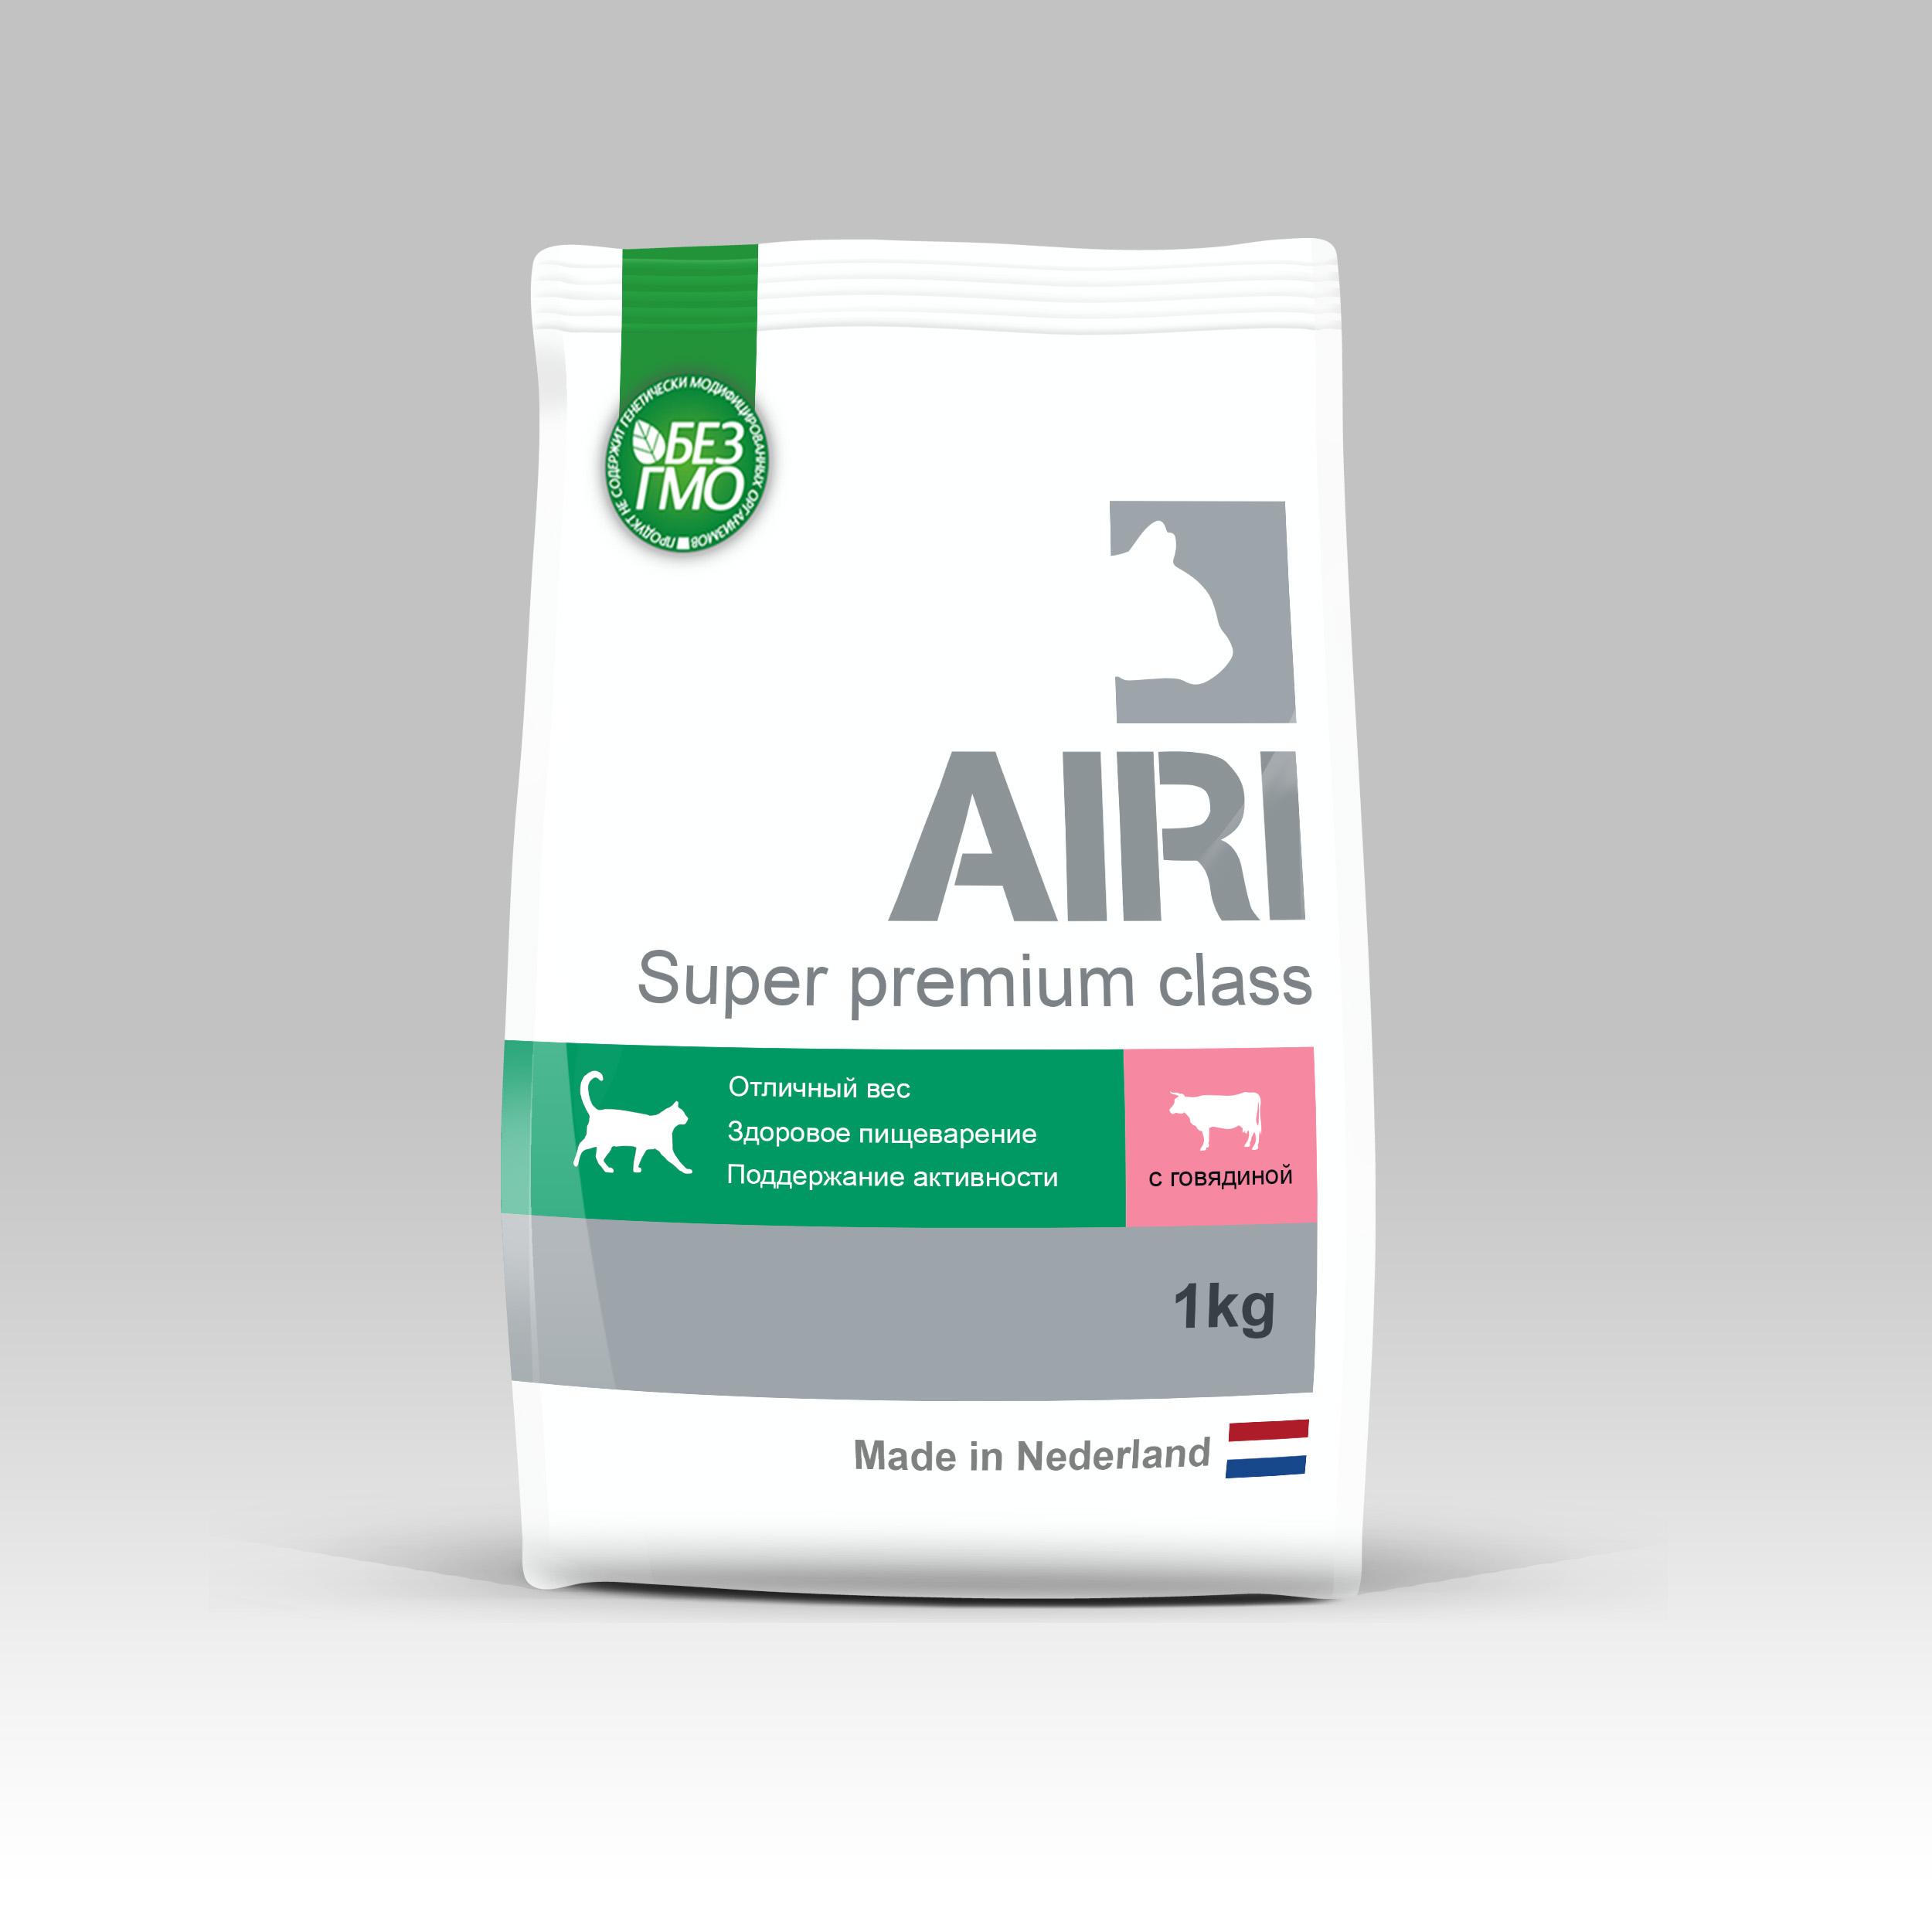 Создание дизайна упаковки для кормов для животных. фото f_8505adcec5eacbd6.jpg